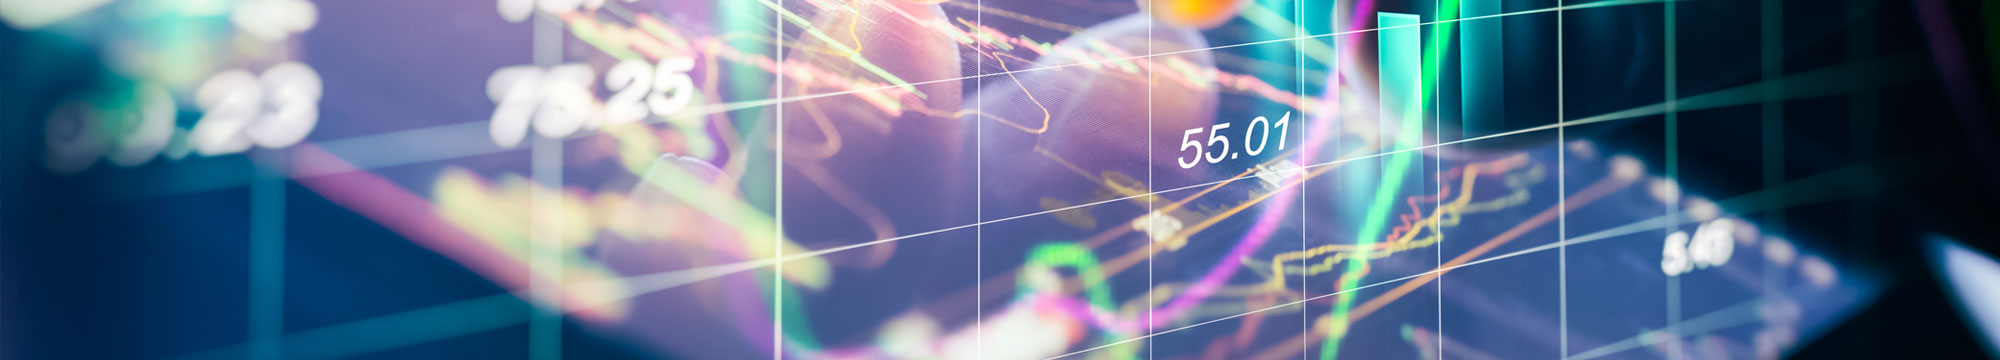 Covid19: com invertir en temps de volatilitat -Mepatrimonia